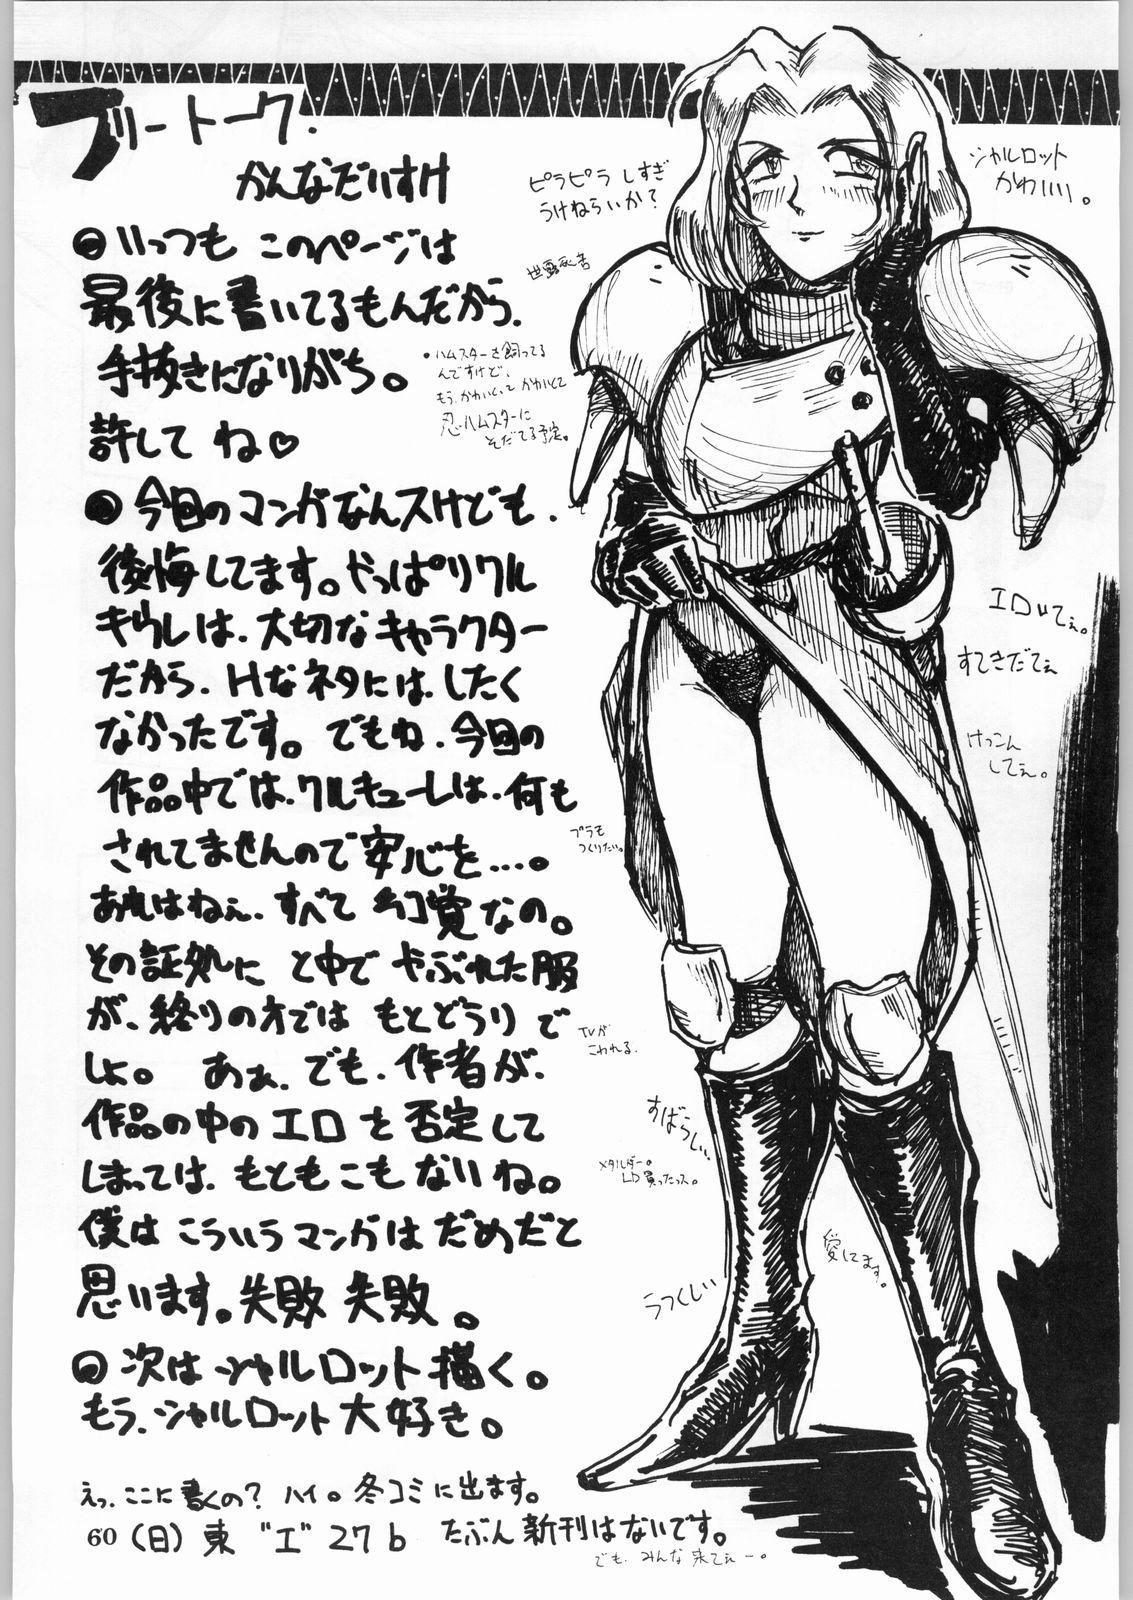 Shikiyoku Hokkedan 8 59